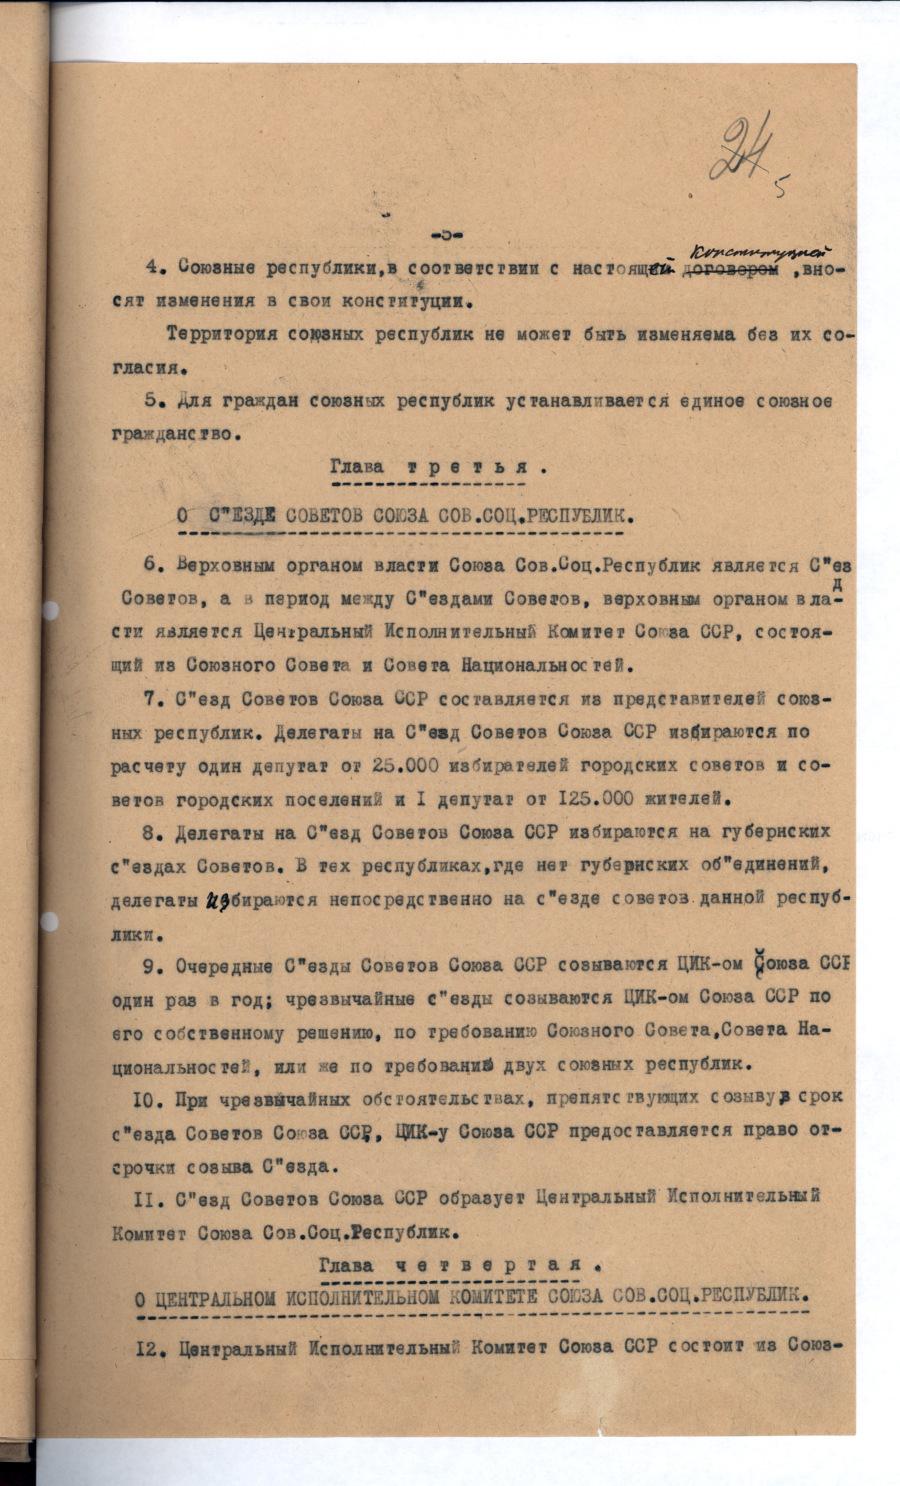 Проект основного закона (Конституции) Союза СССР 1924 года. 5 стр